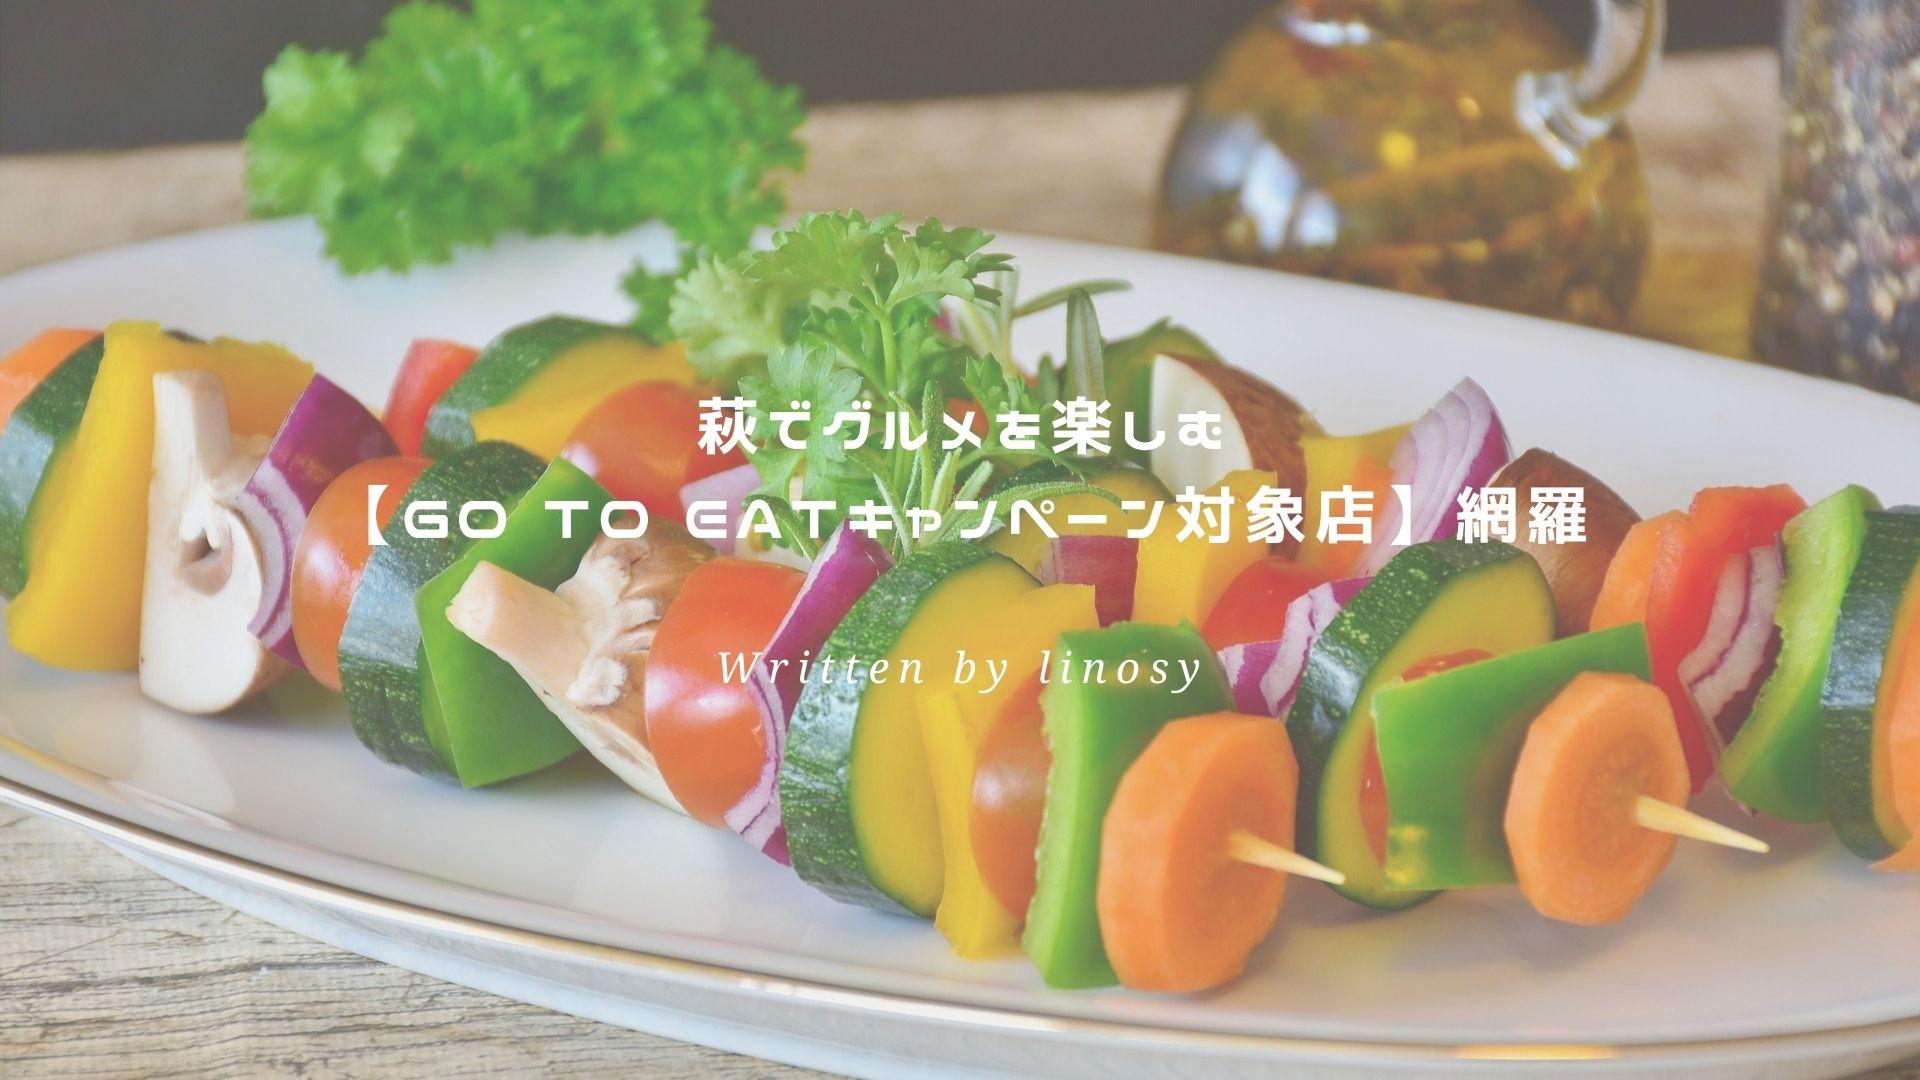 Go To Eatキャンペーン対象店 アイキャッチ